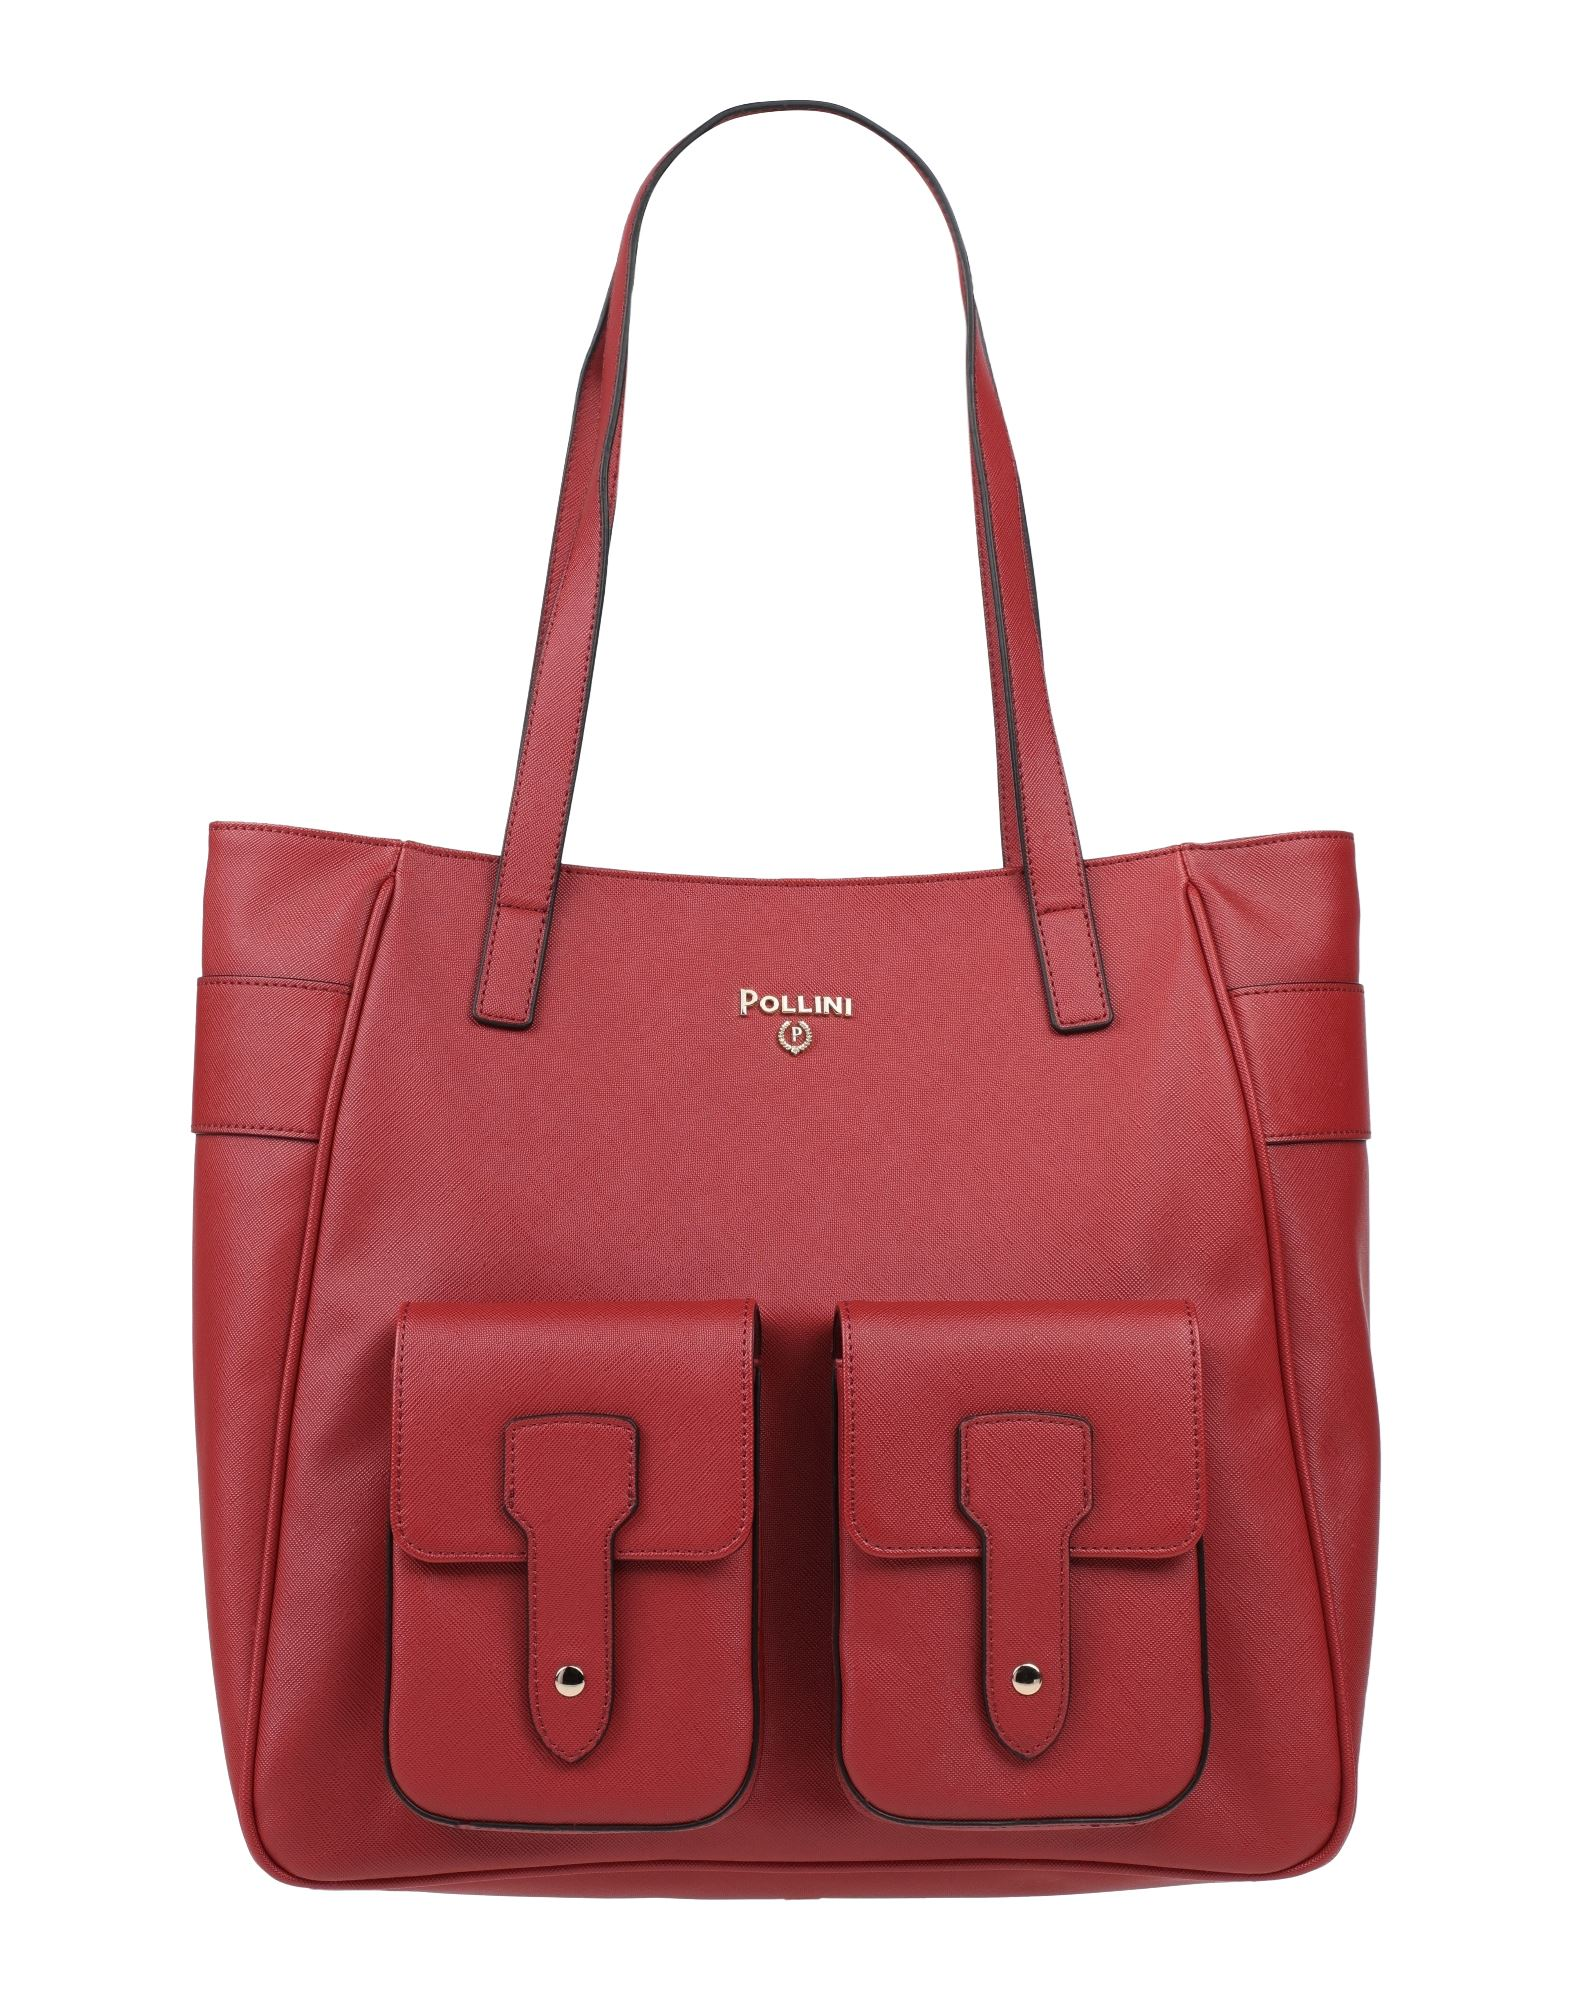 POLLINI Shoulder bags - Item 45565899